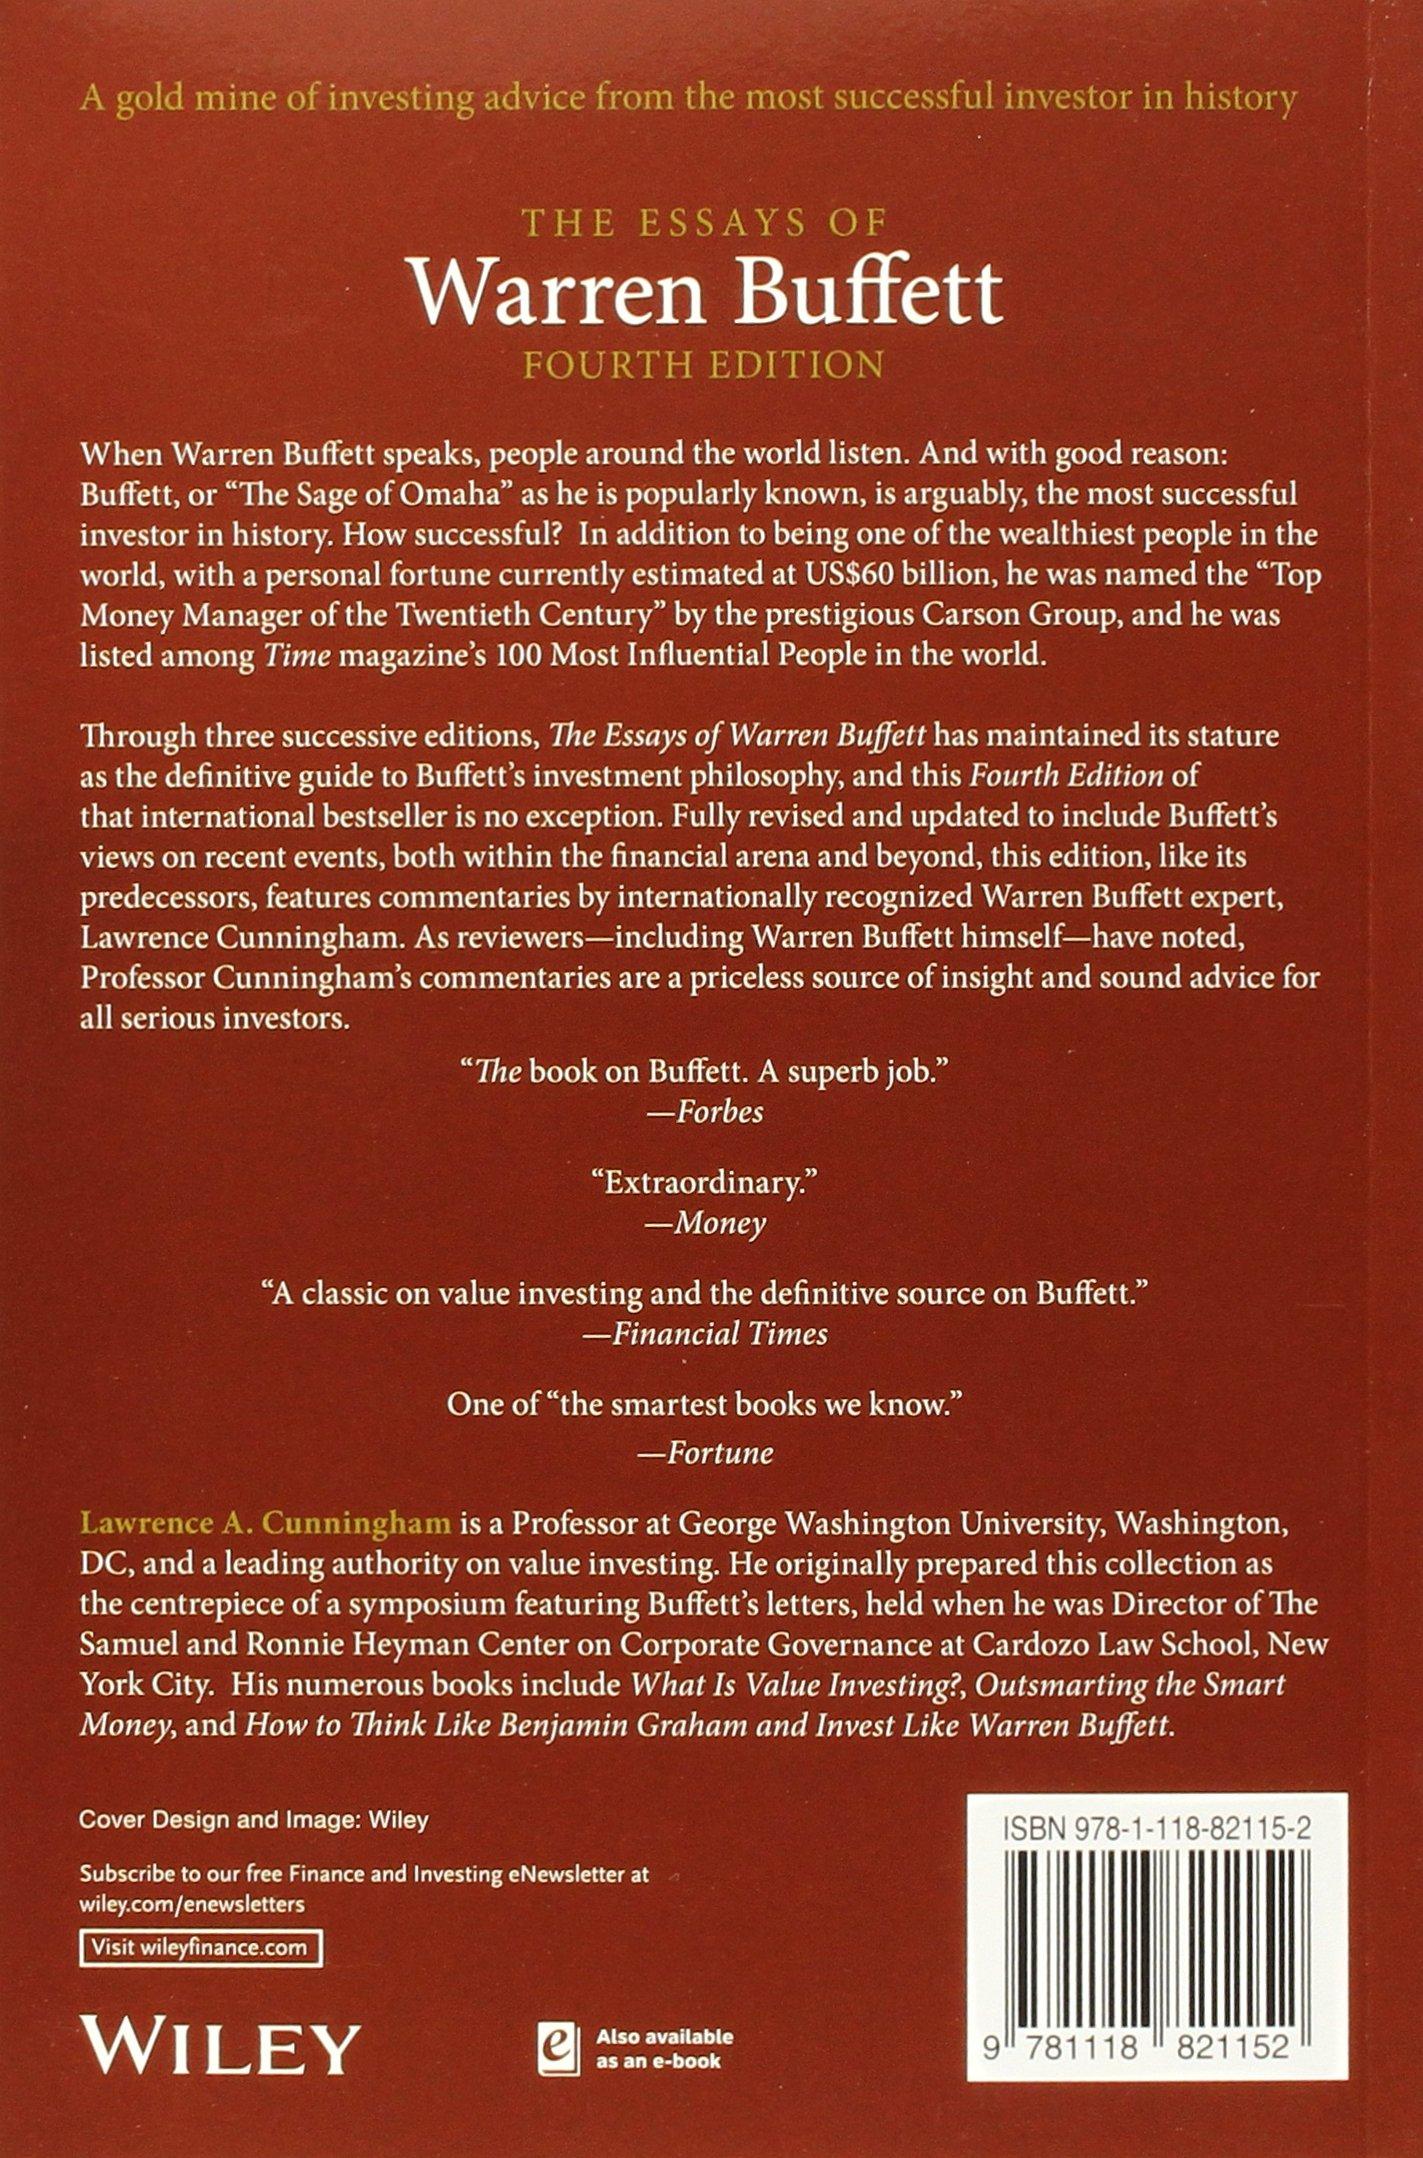 007 91viw96oq0l Die Essays Von Warren Buffett Essay Archaicawful Das Buch Für Investoren Pdf Und Unternehmer Full